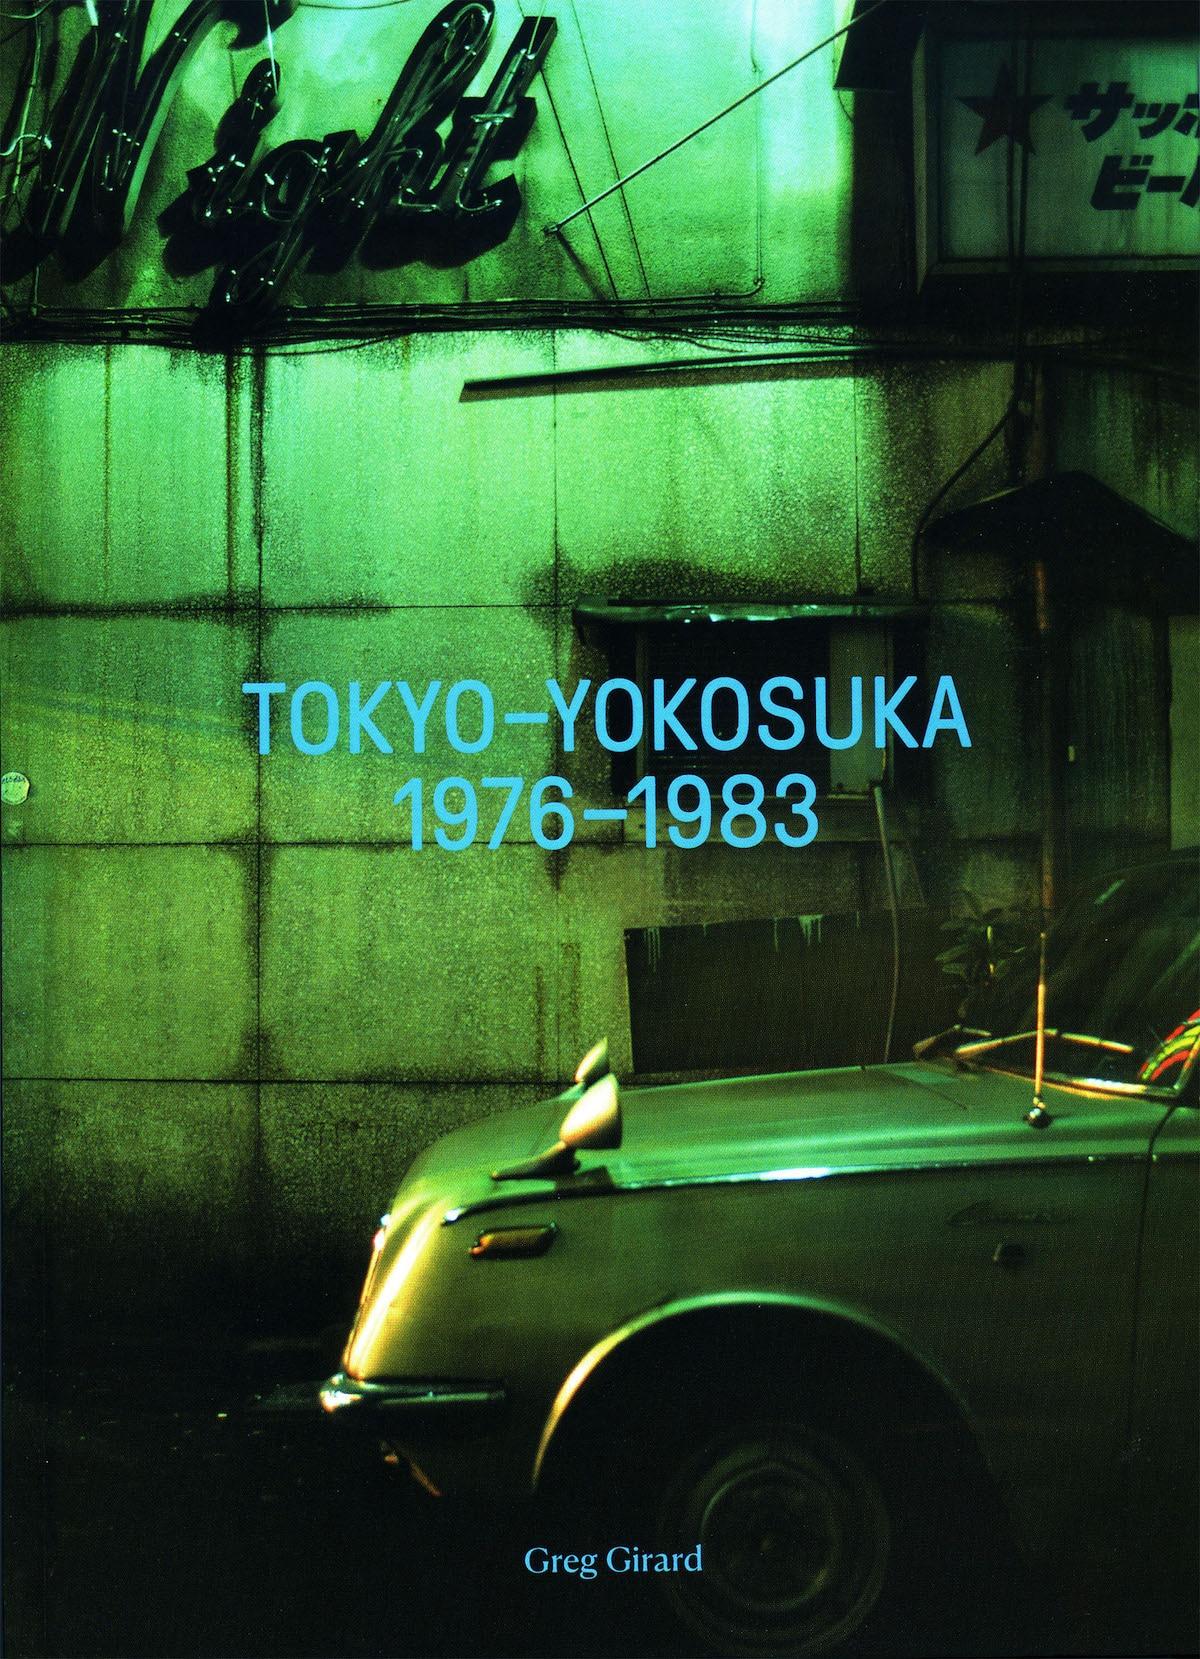 Tokio-Yokosuka 1976-1983 por Greg Girard